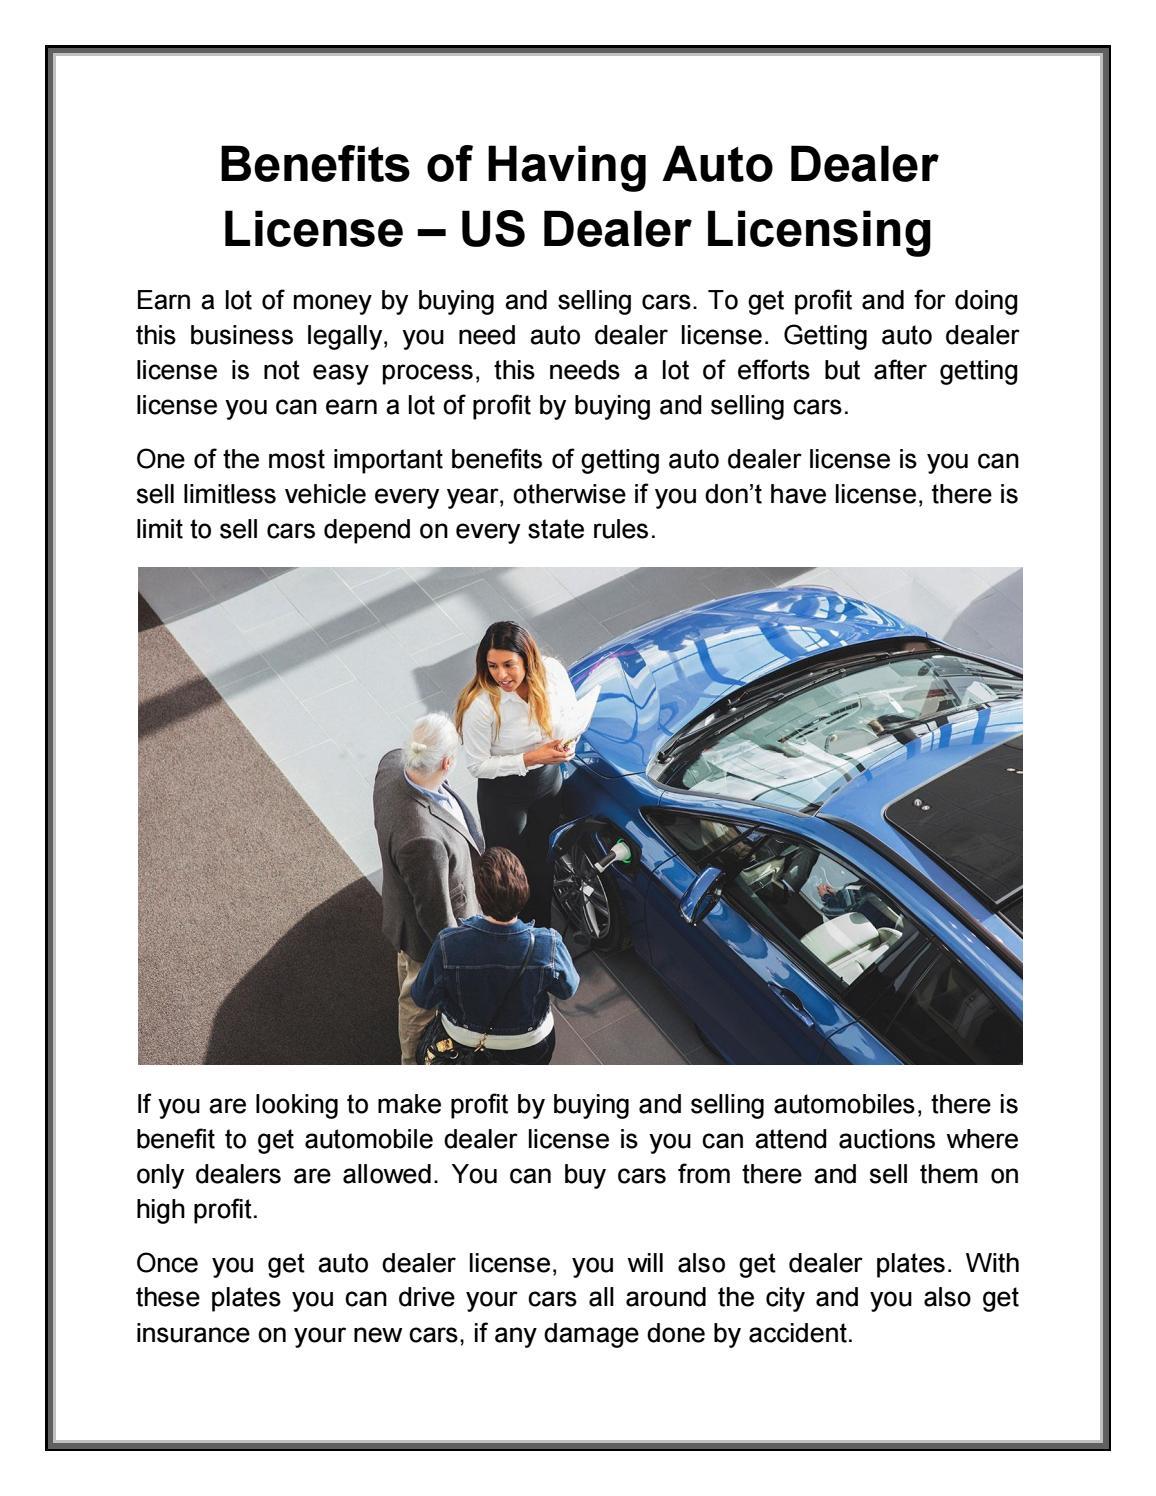 Advantages Of Having Auto Dealer License Us Dealer Licensing By